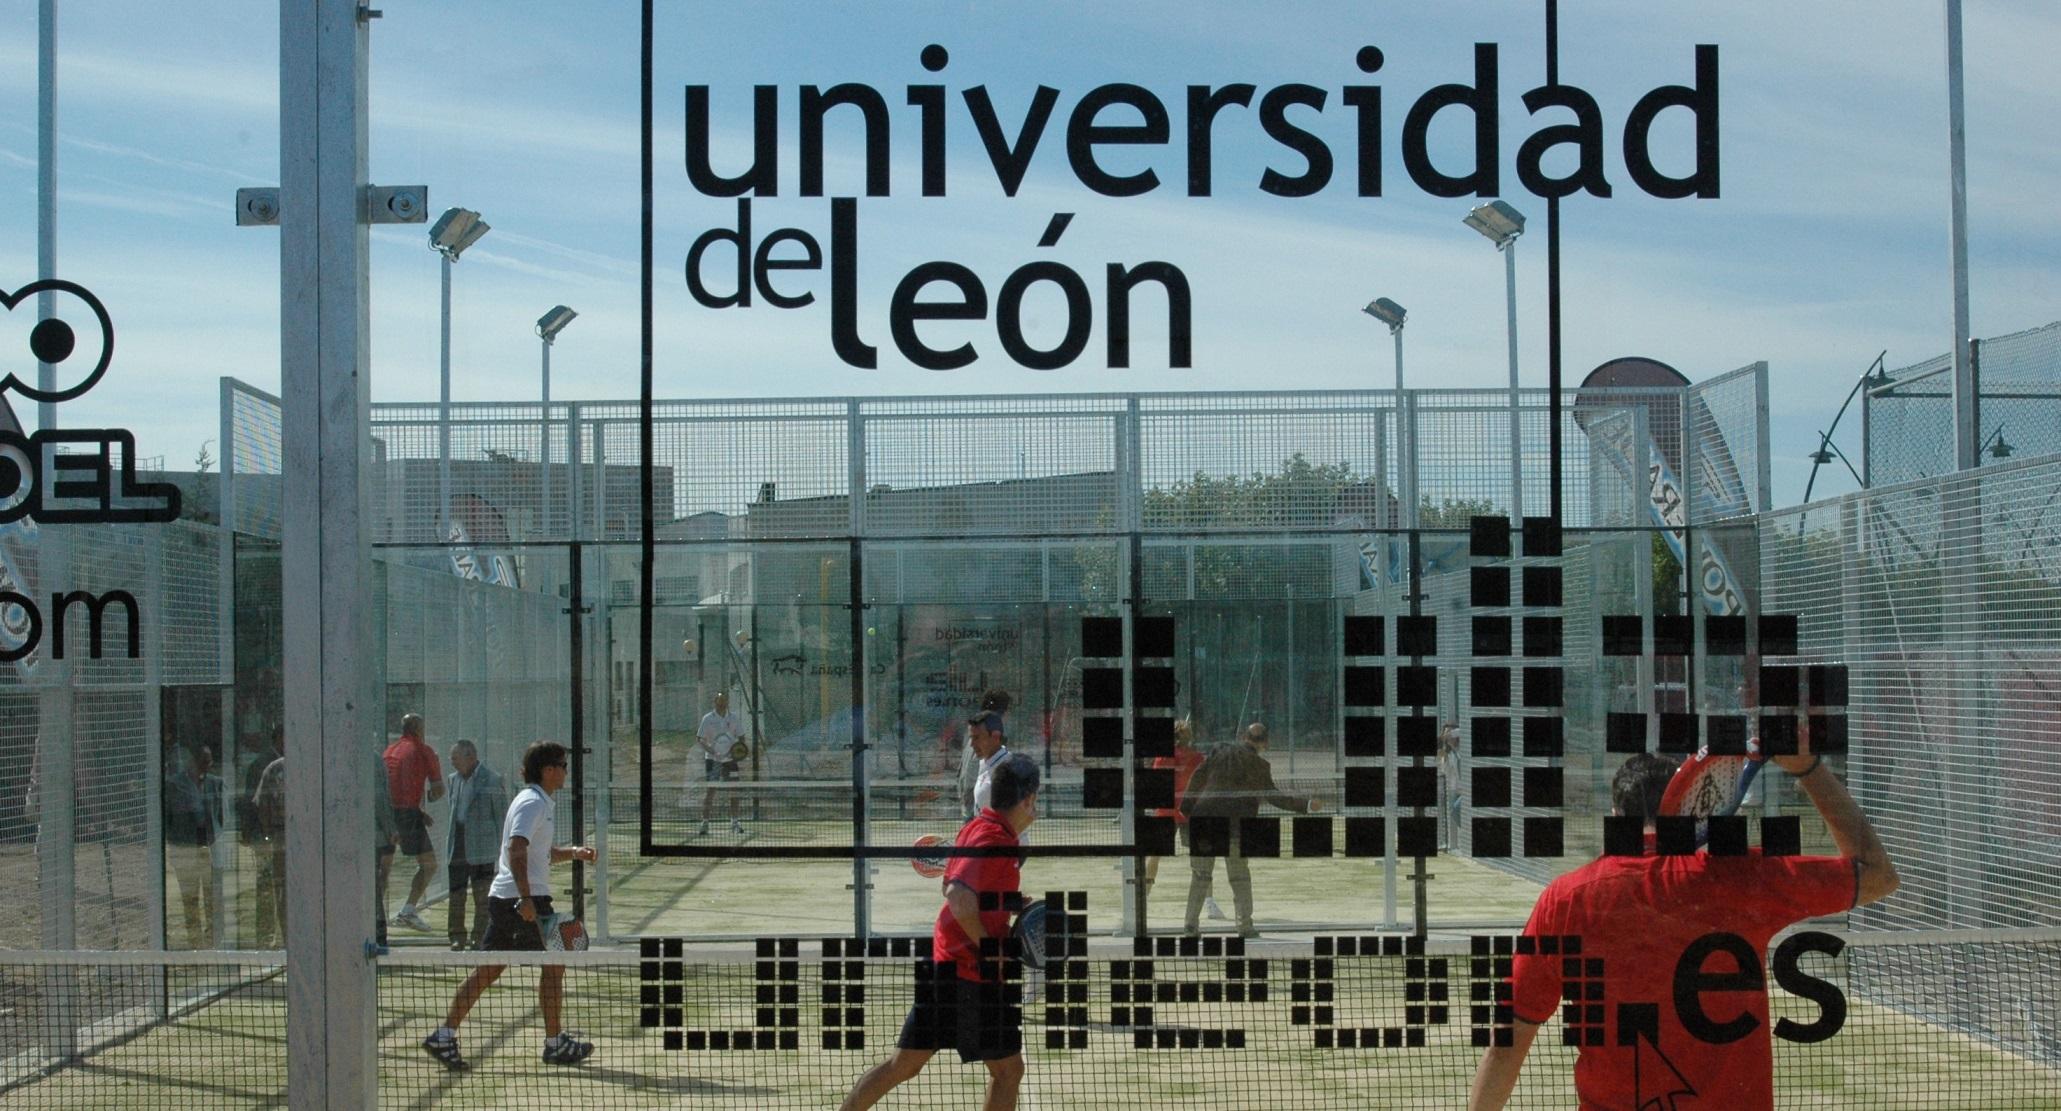 Vuelta a la normalidad en el deporte de la Universidad de León